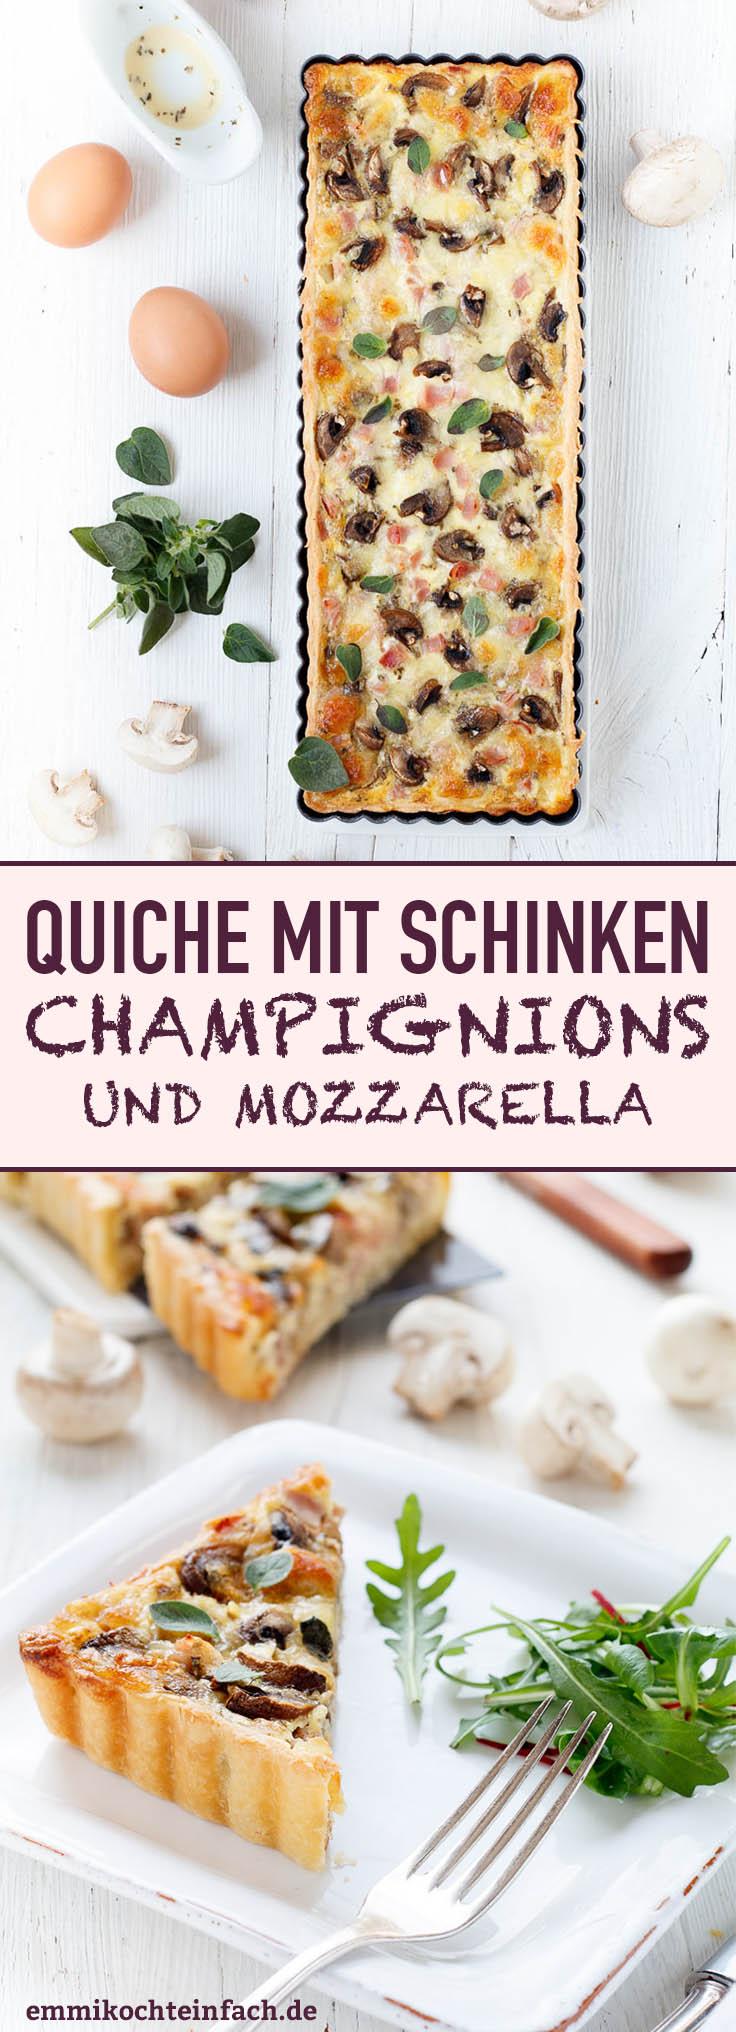 Quiche mit Schinken, Champignons und Mozzarella - www.emmikochteinfach.de